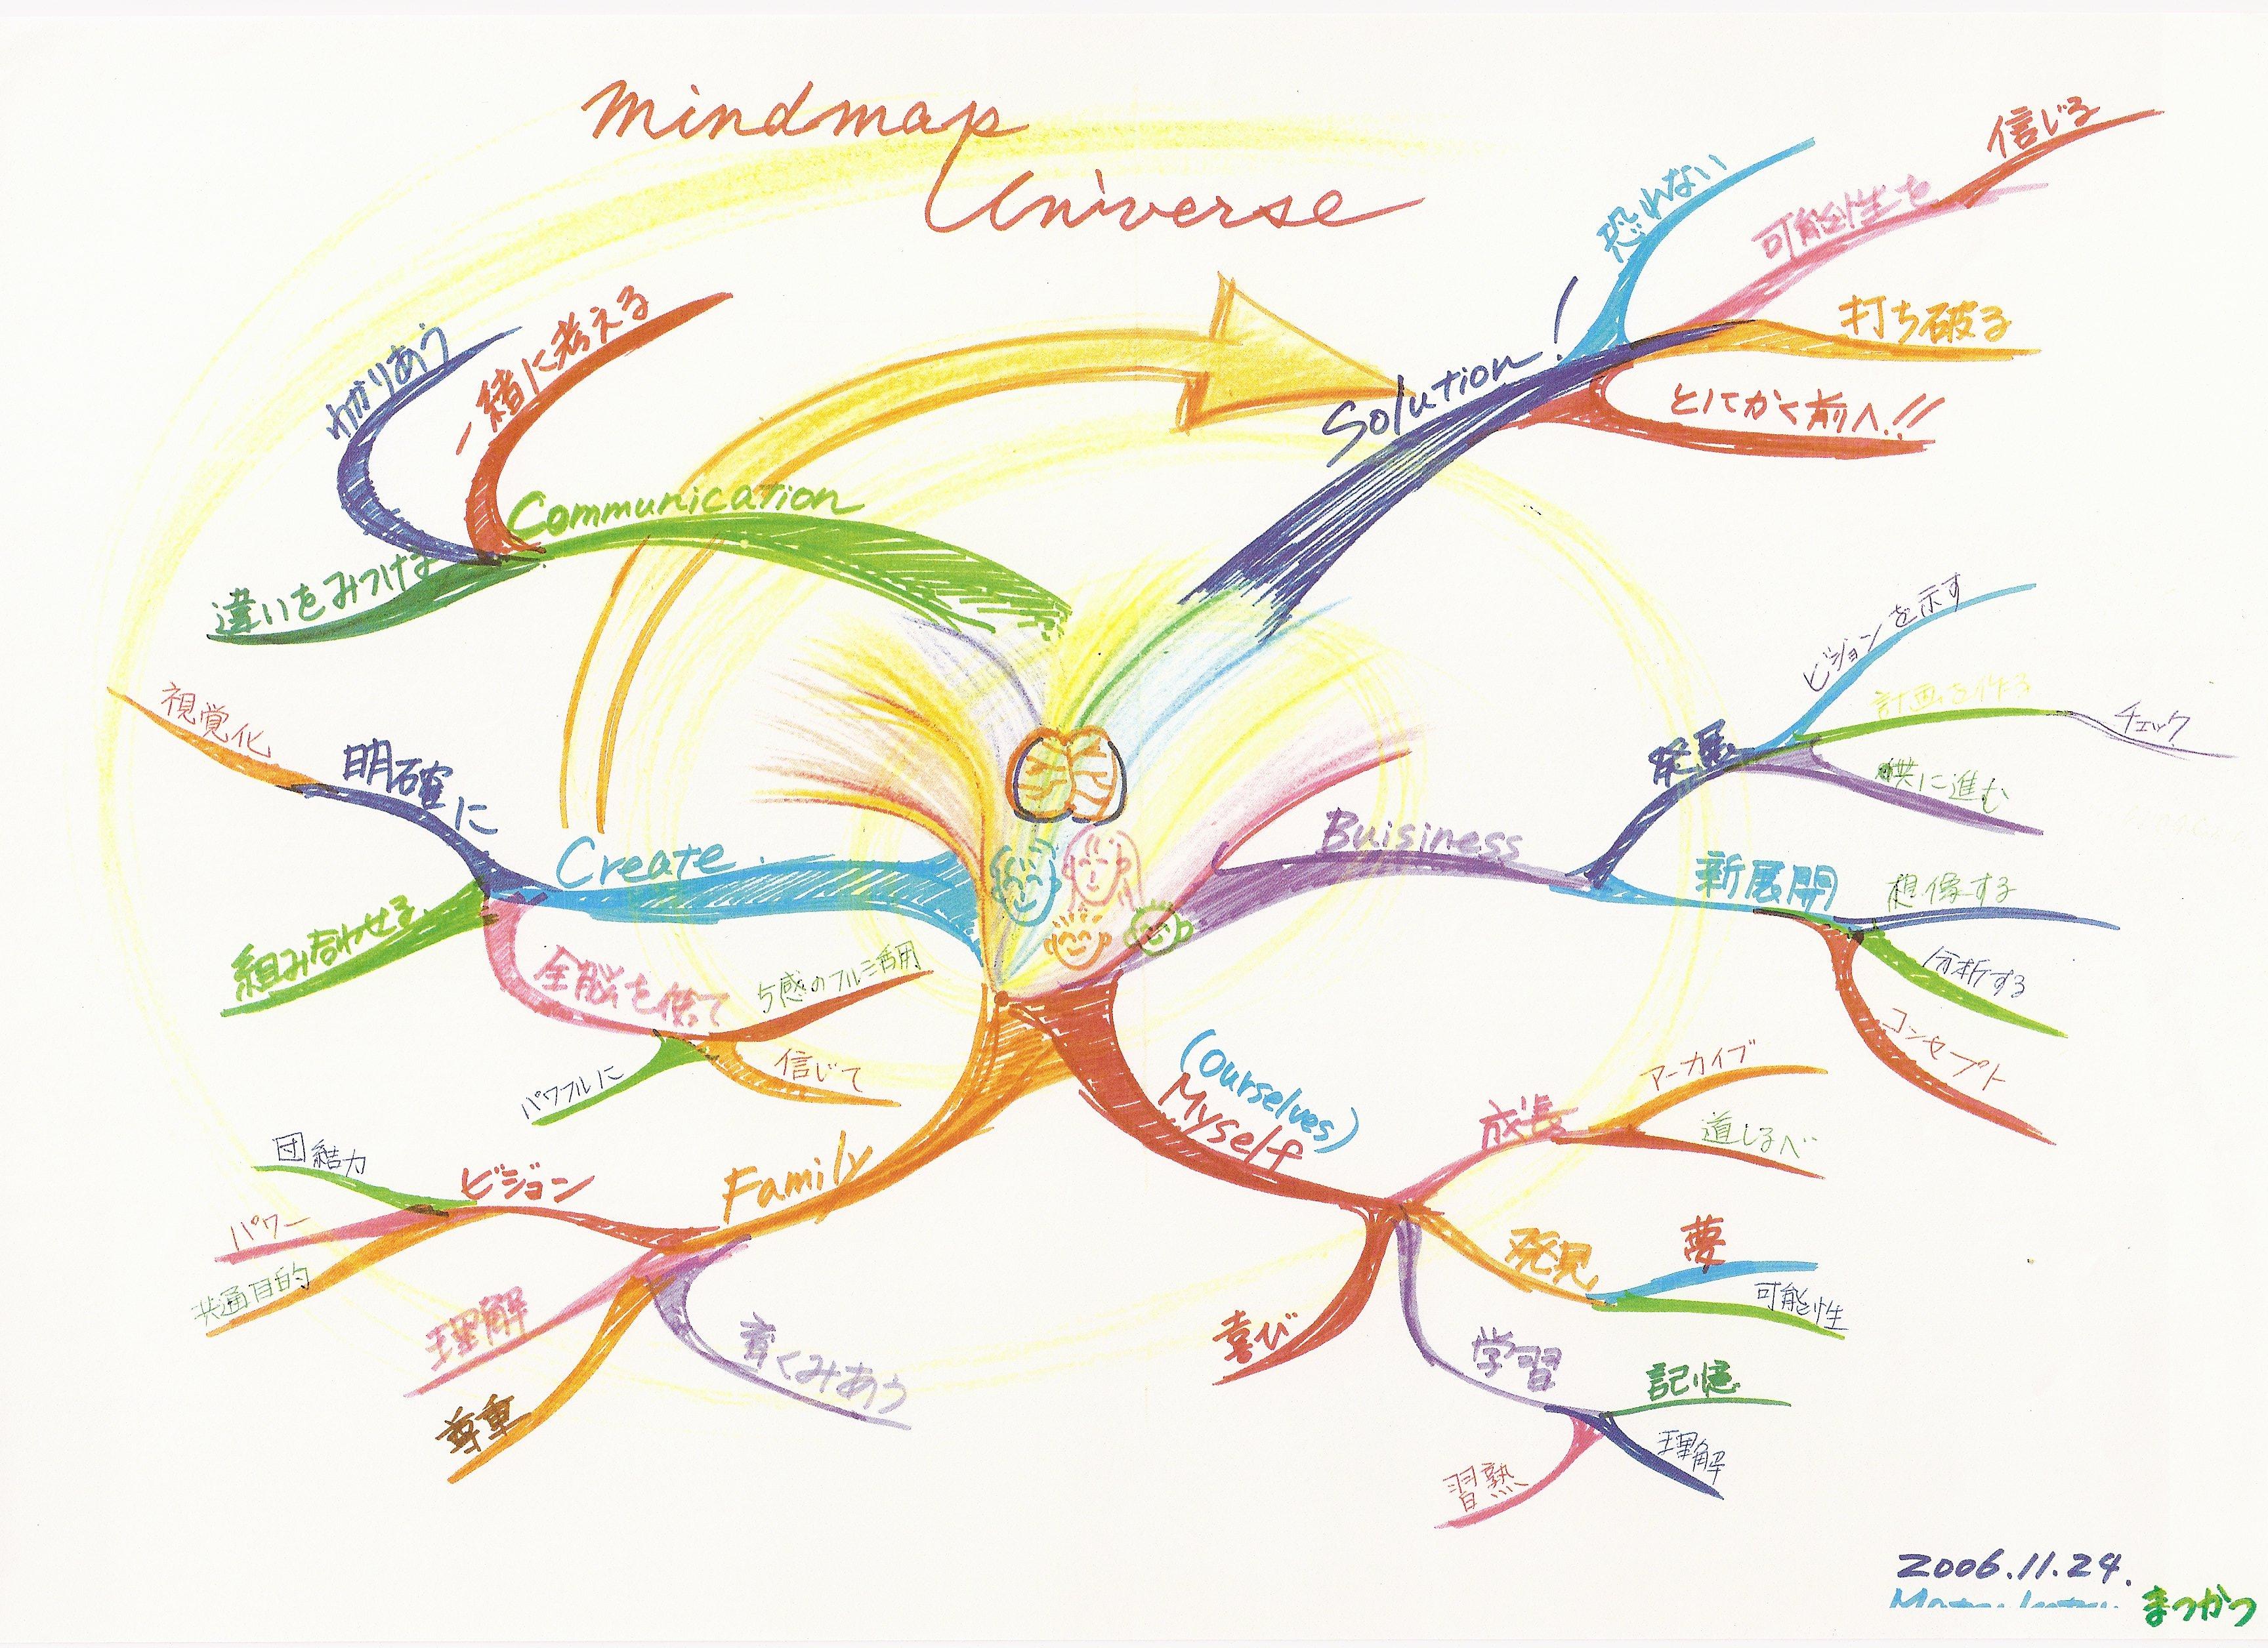 経営者のためのマインドマップ